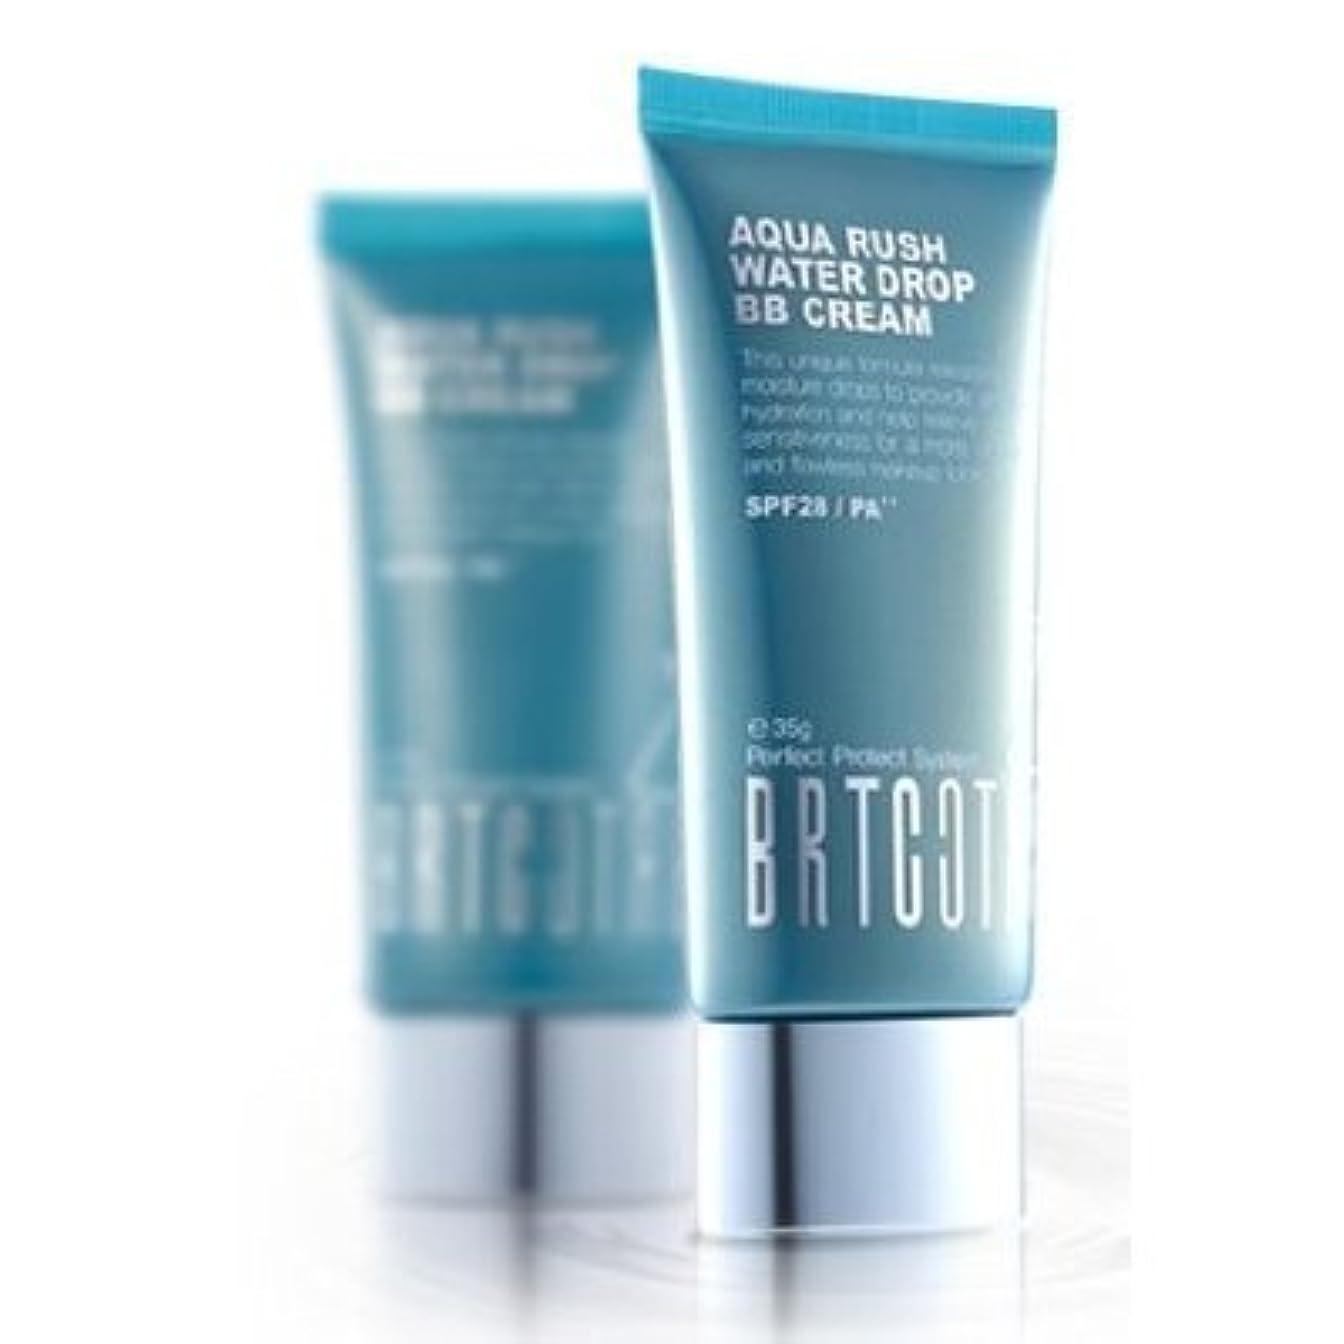 ダブルクリアフルーティーKOREAN COSMETICS, BRTC, Aqua Rush Water Drop BB Cream 60g (intensive moisturizing, skin tone correction, UV protection...